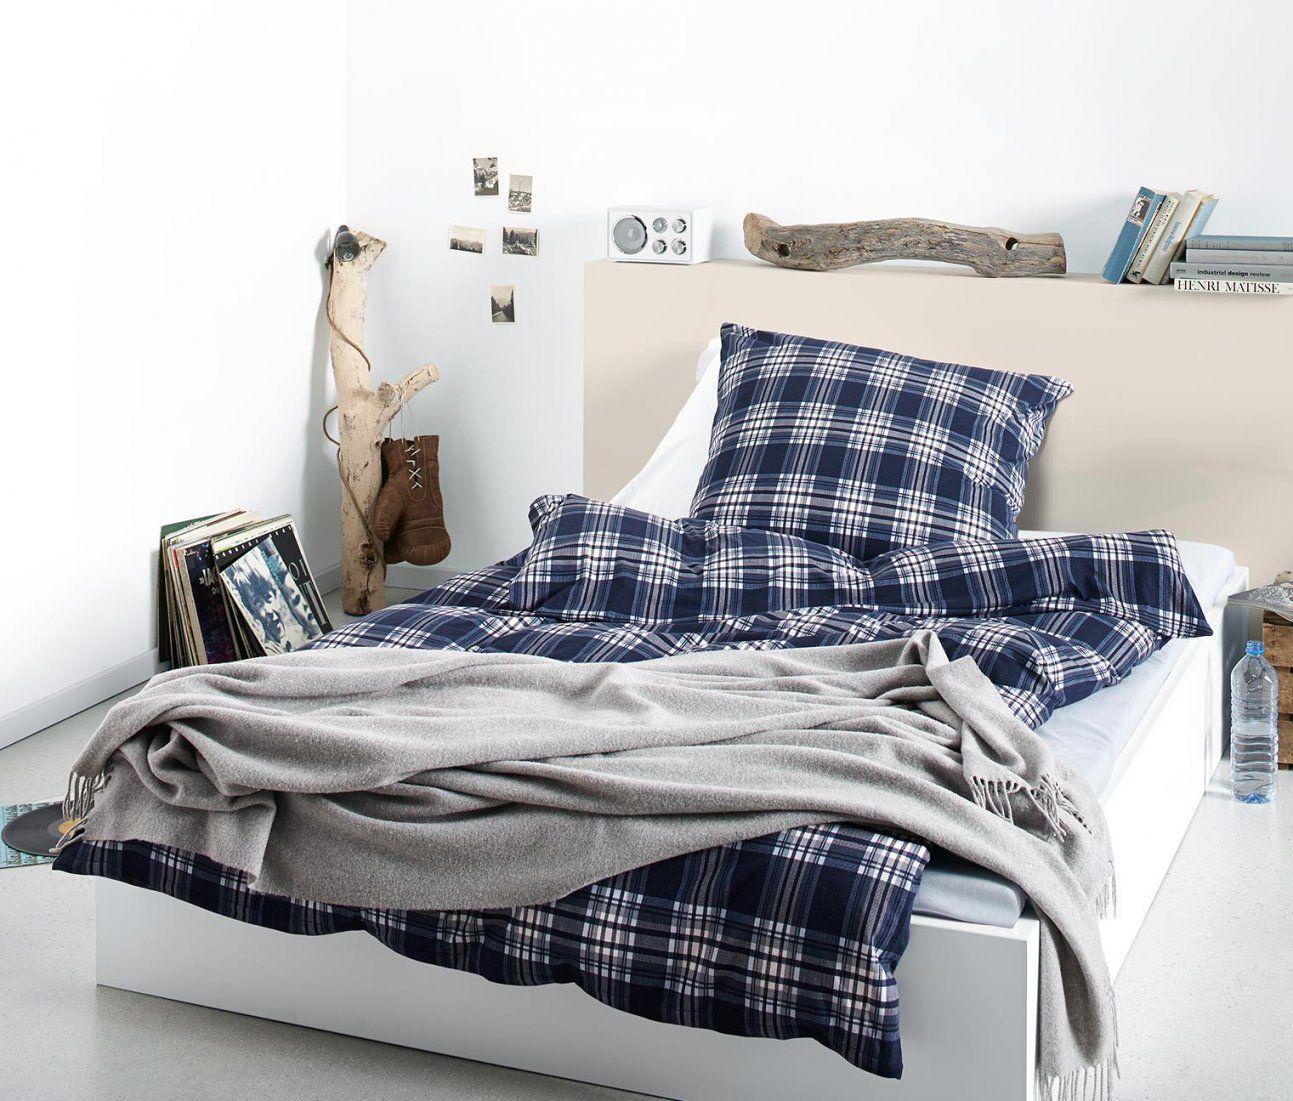 Jerseybettwäsche Blaues Karodessin Online Bestellen Bei Tchibo 309828 von Tchibo Jersey Bettwäsche Photo